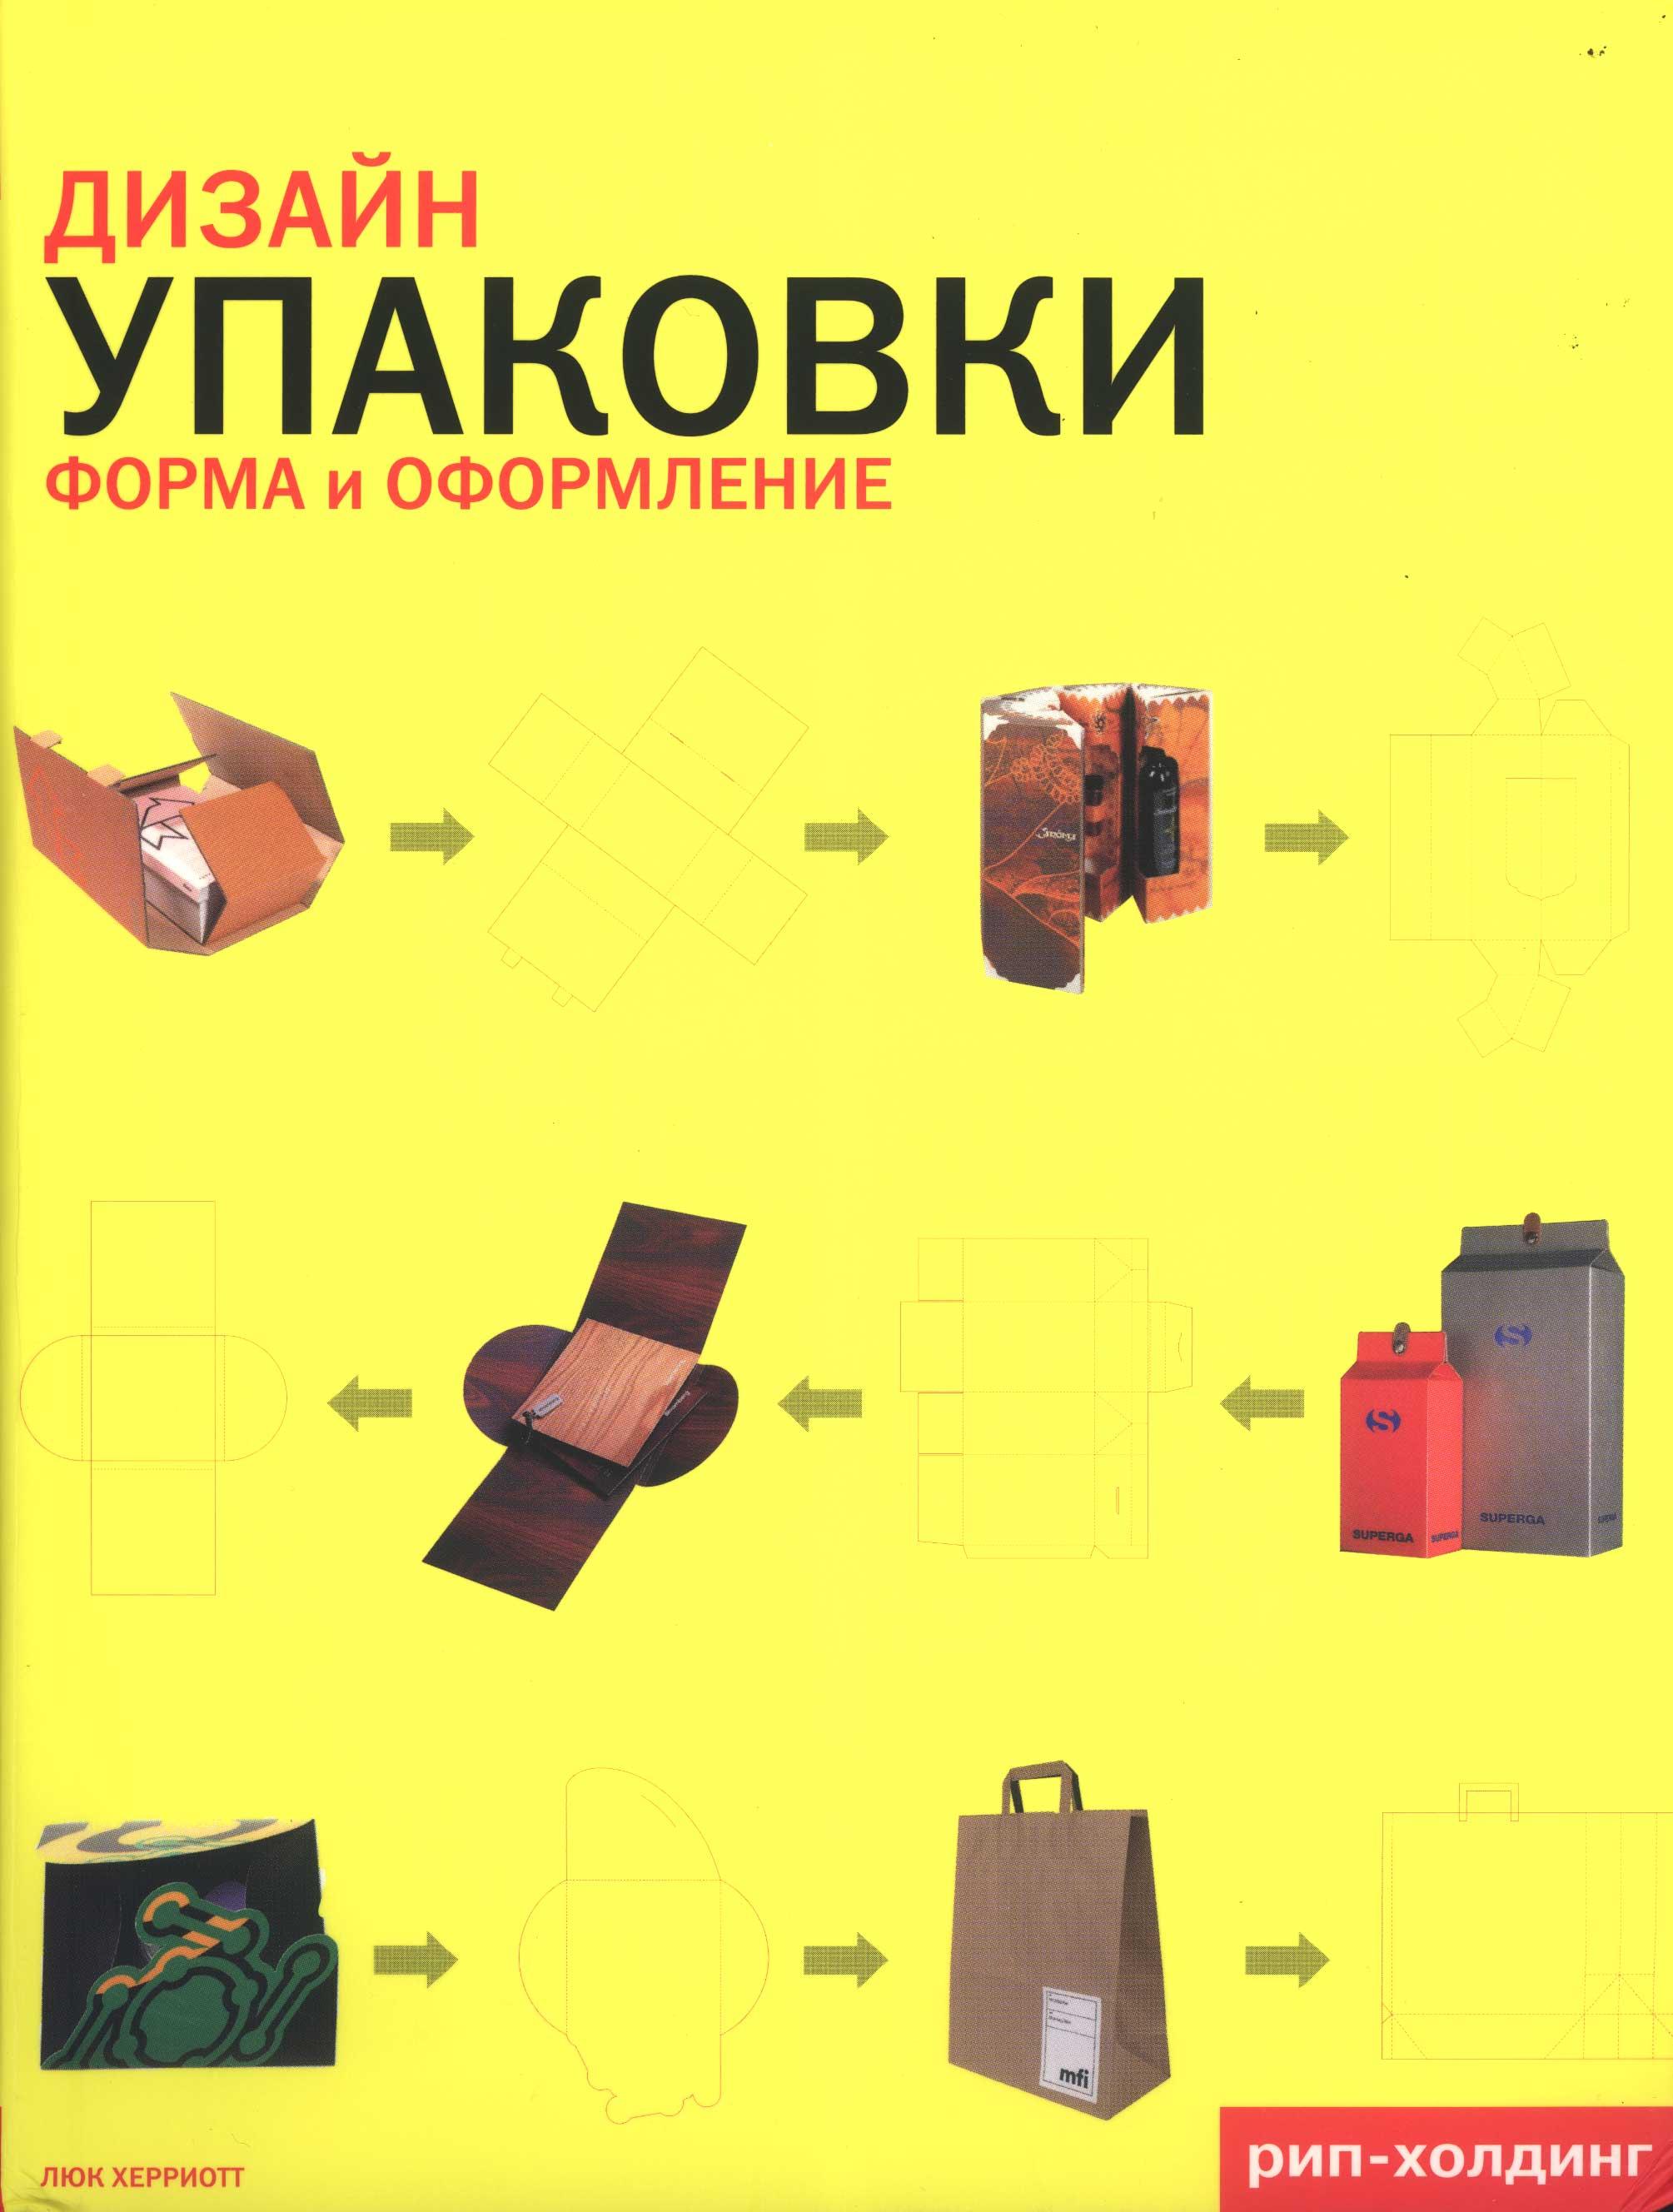 Основные правила дизайна упаковки